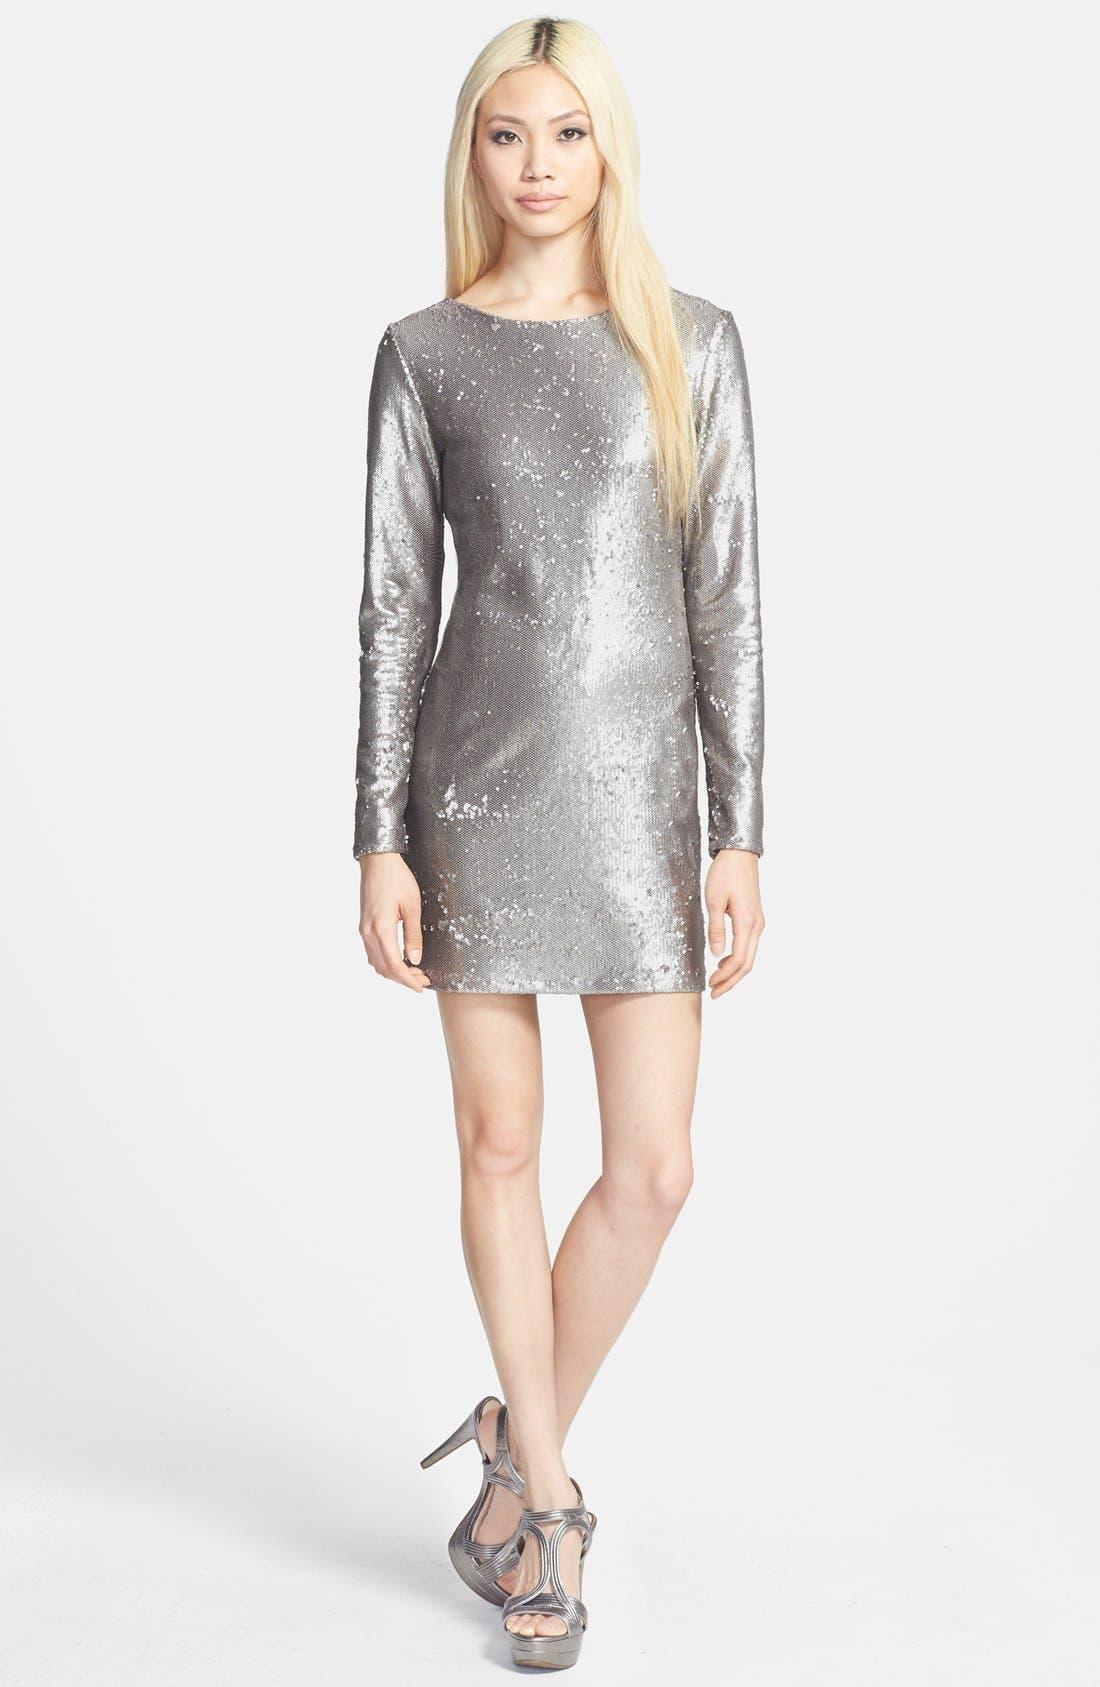 Main Image - Glamorous V-Back Sequin Dress Sequin